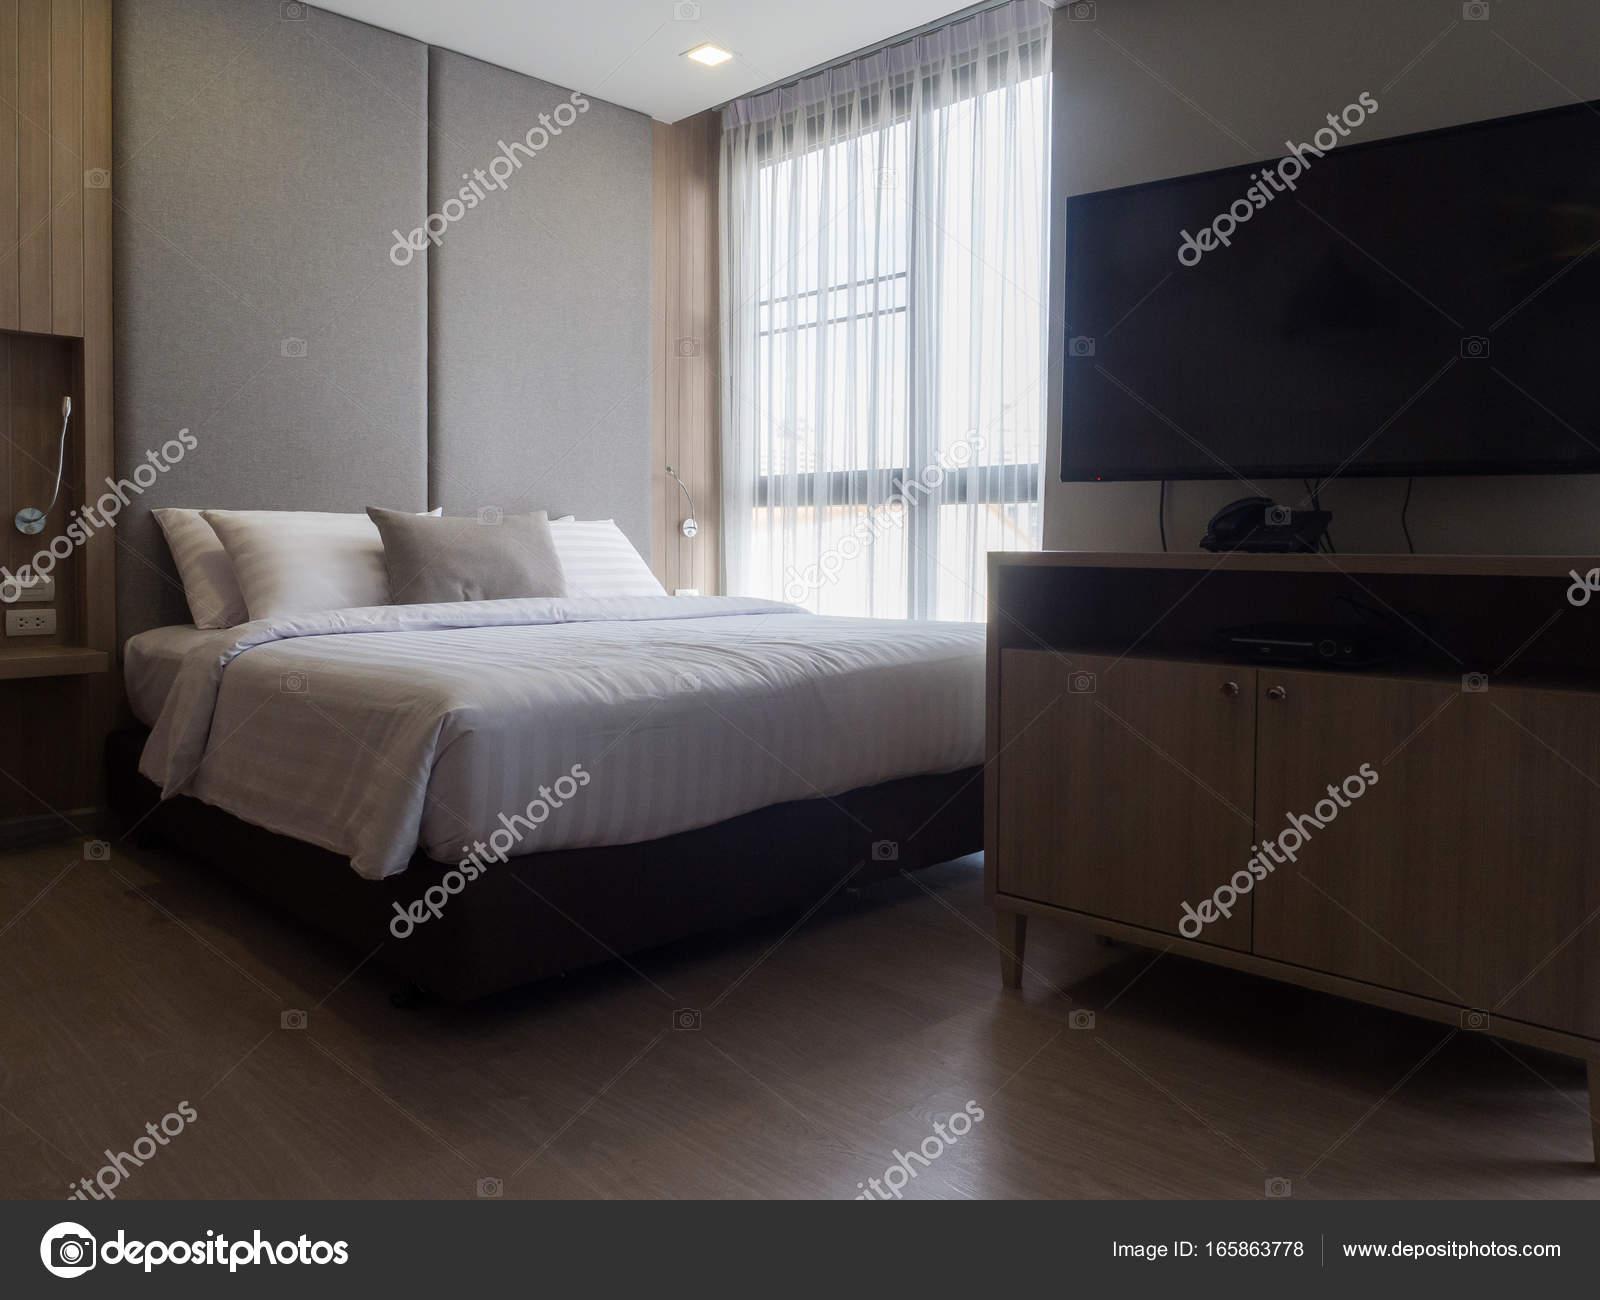 Design Slaapkamer Verlichting : Interieur van gezellige slaapkamer in moderne design.low verlichting